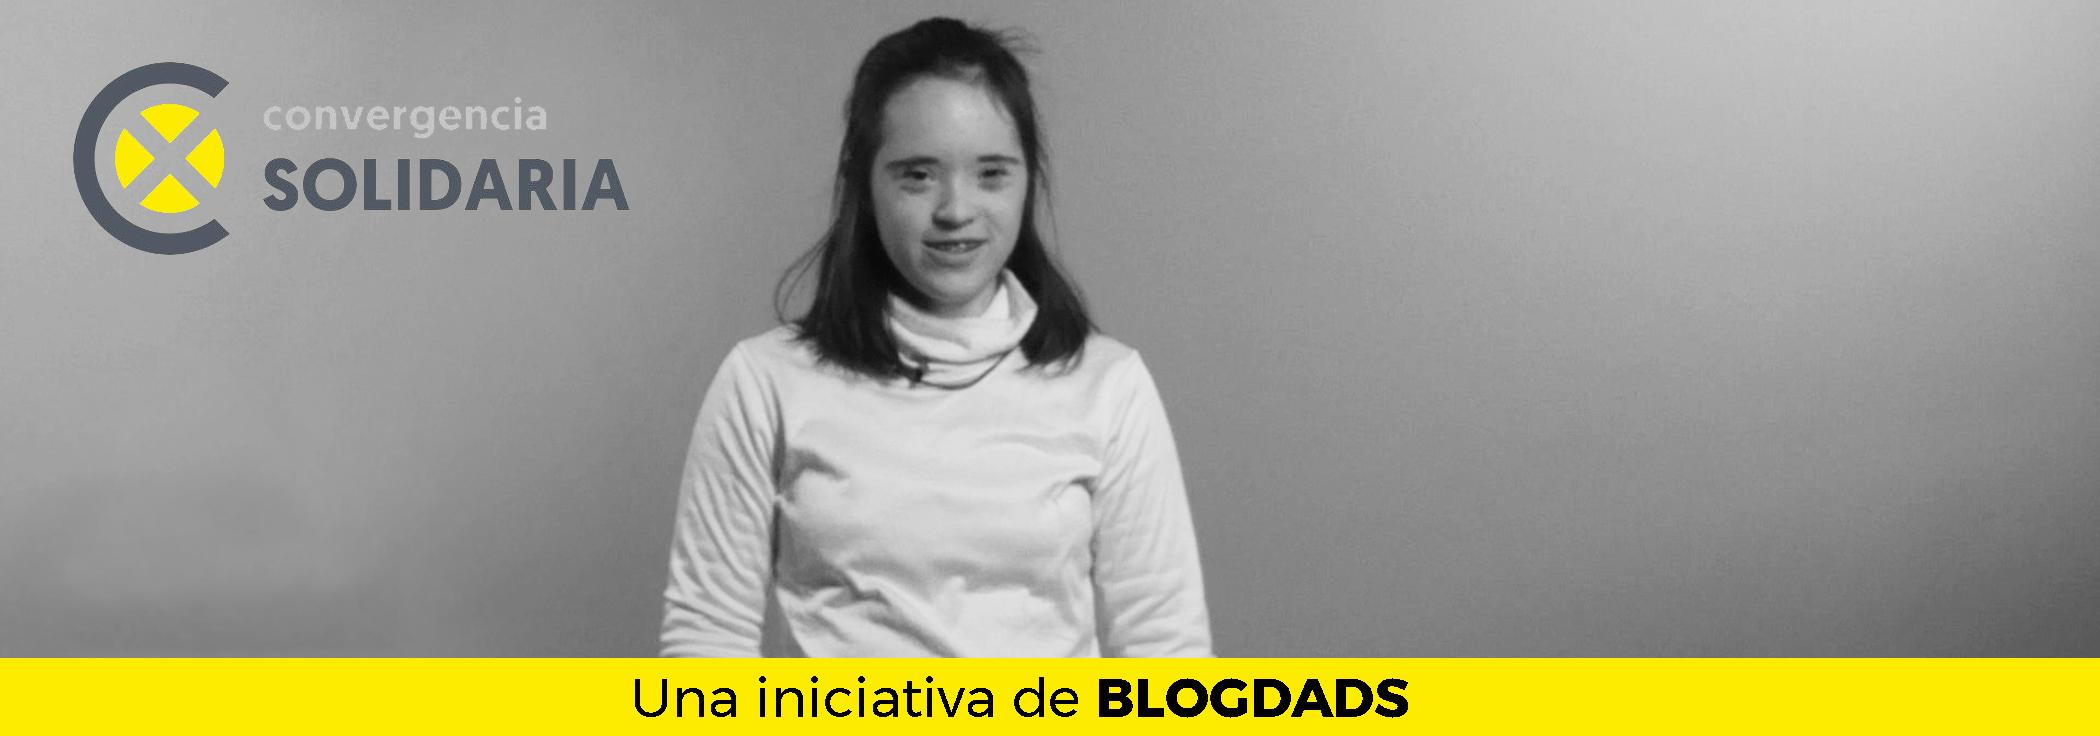 Aitana en Convergencia Solidaria, de Blogdads y Fundación Gil Gayarre